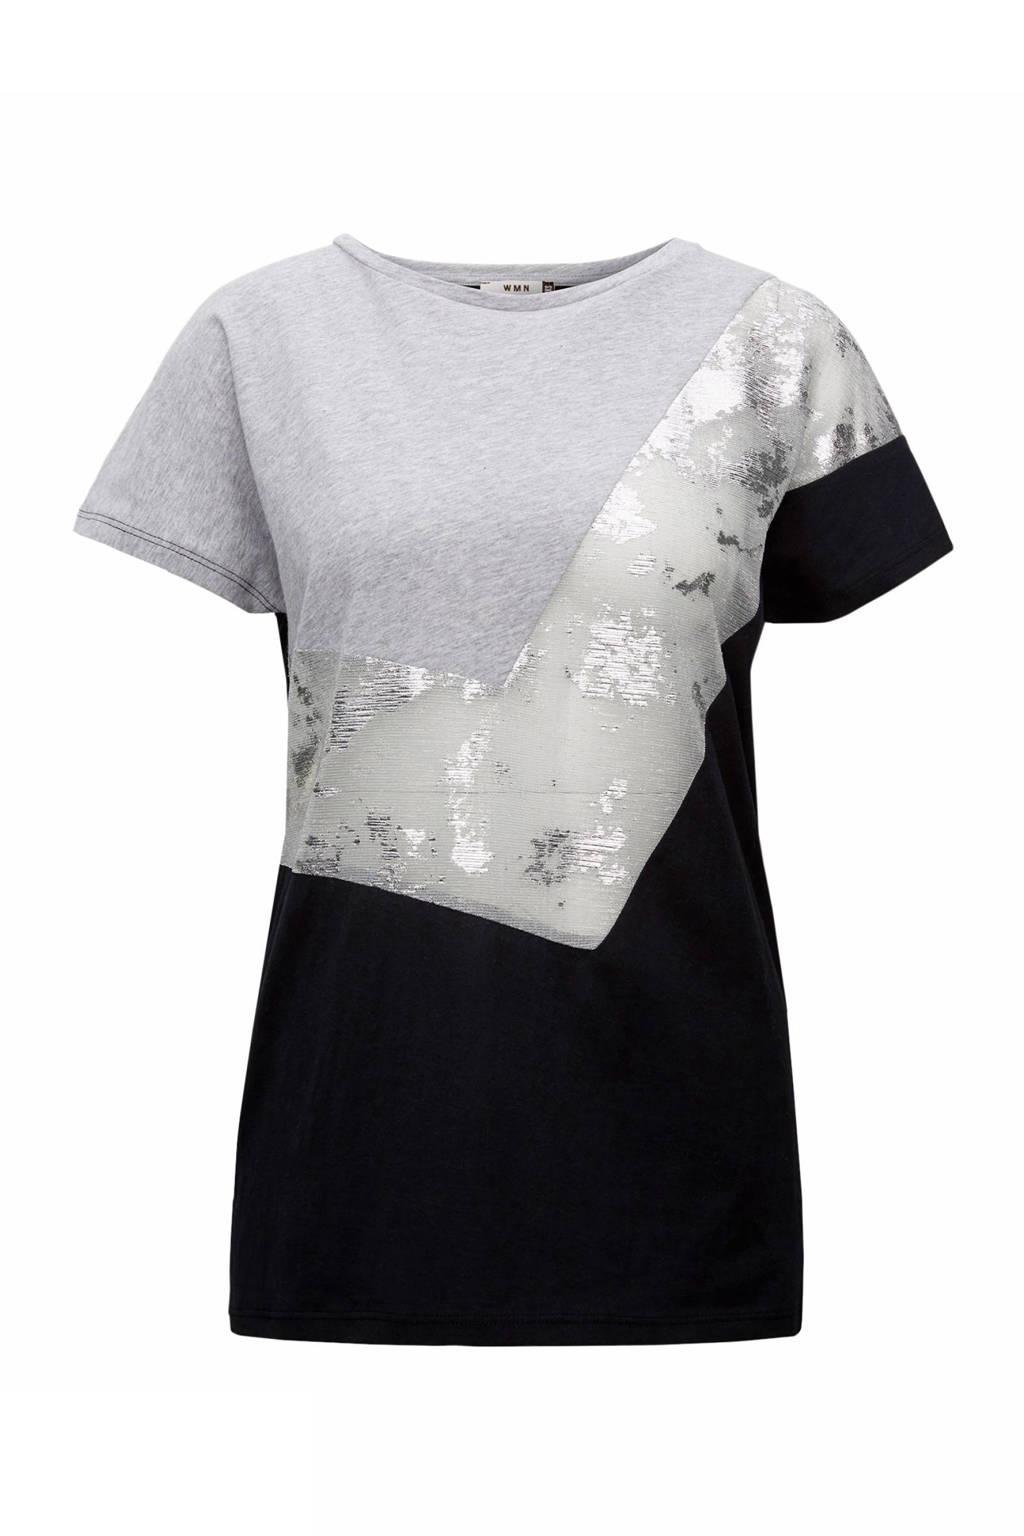 CKS Karmina T-shirt, Zwart/grijs/zilver